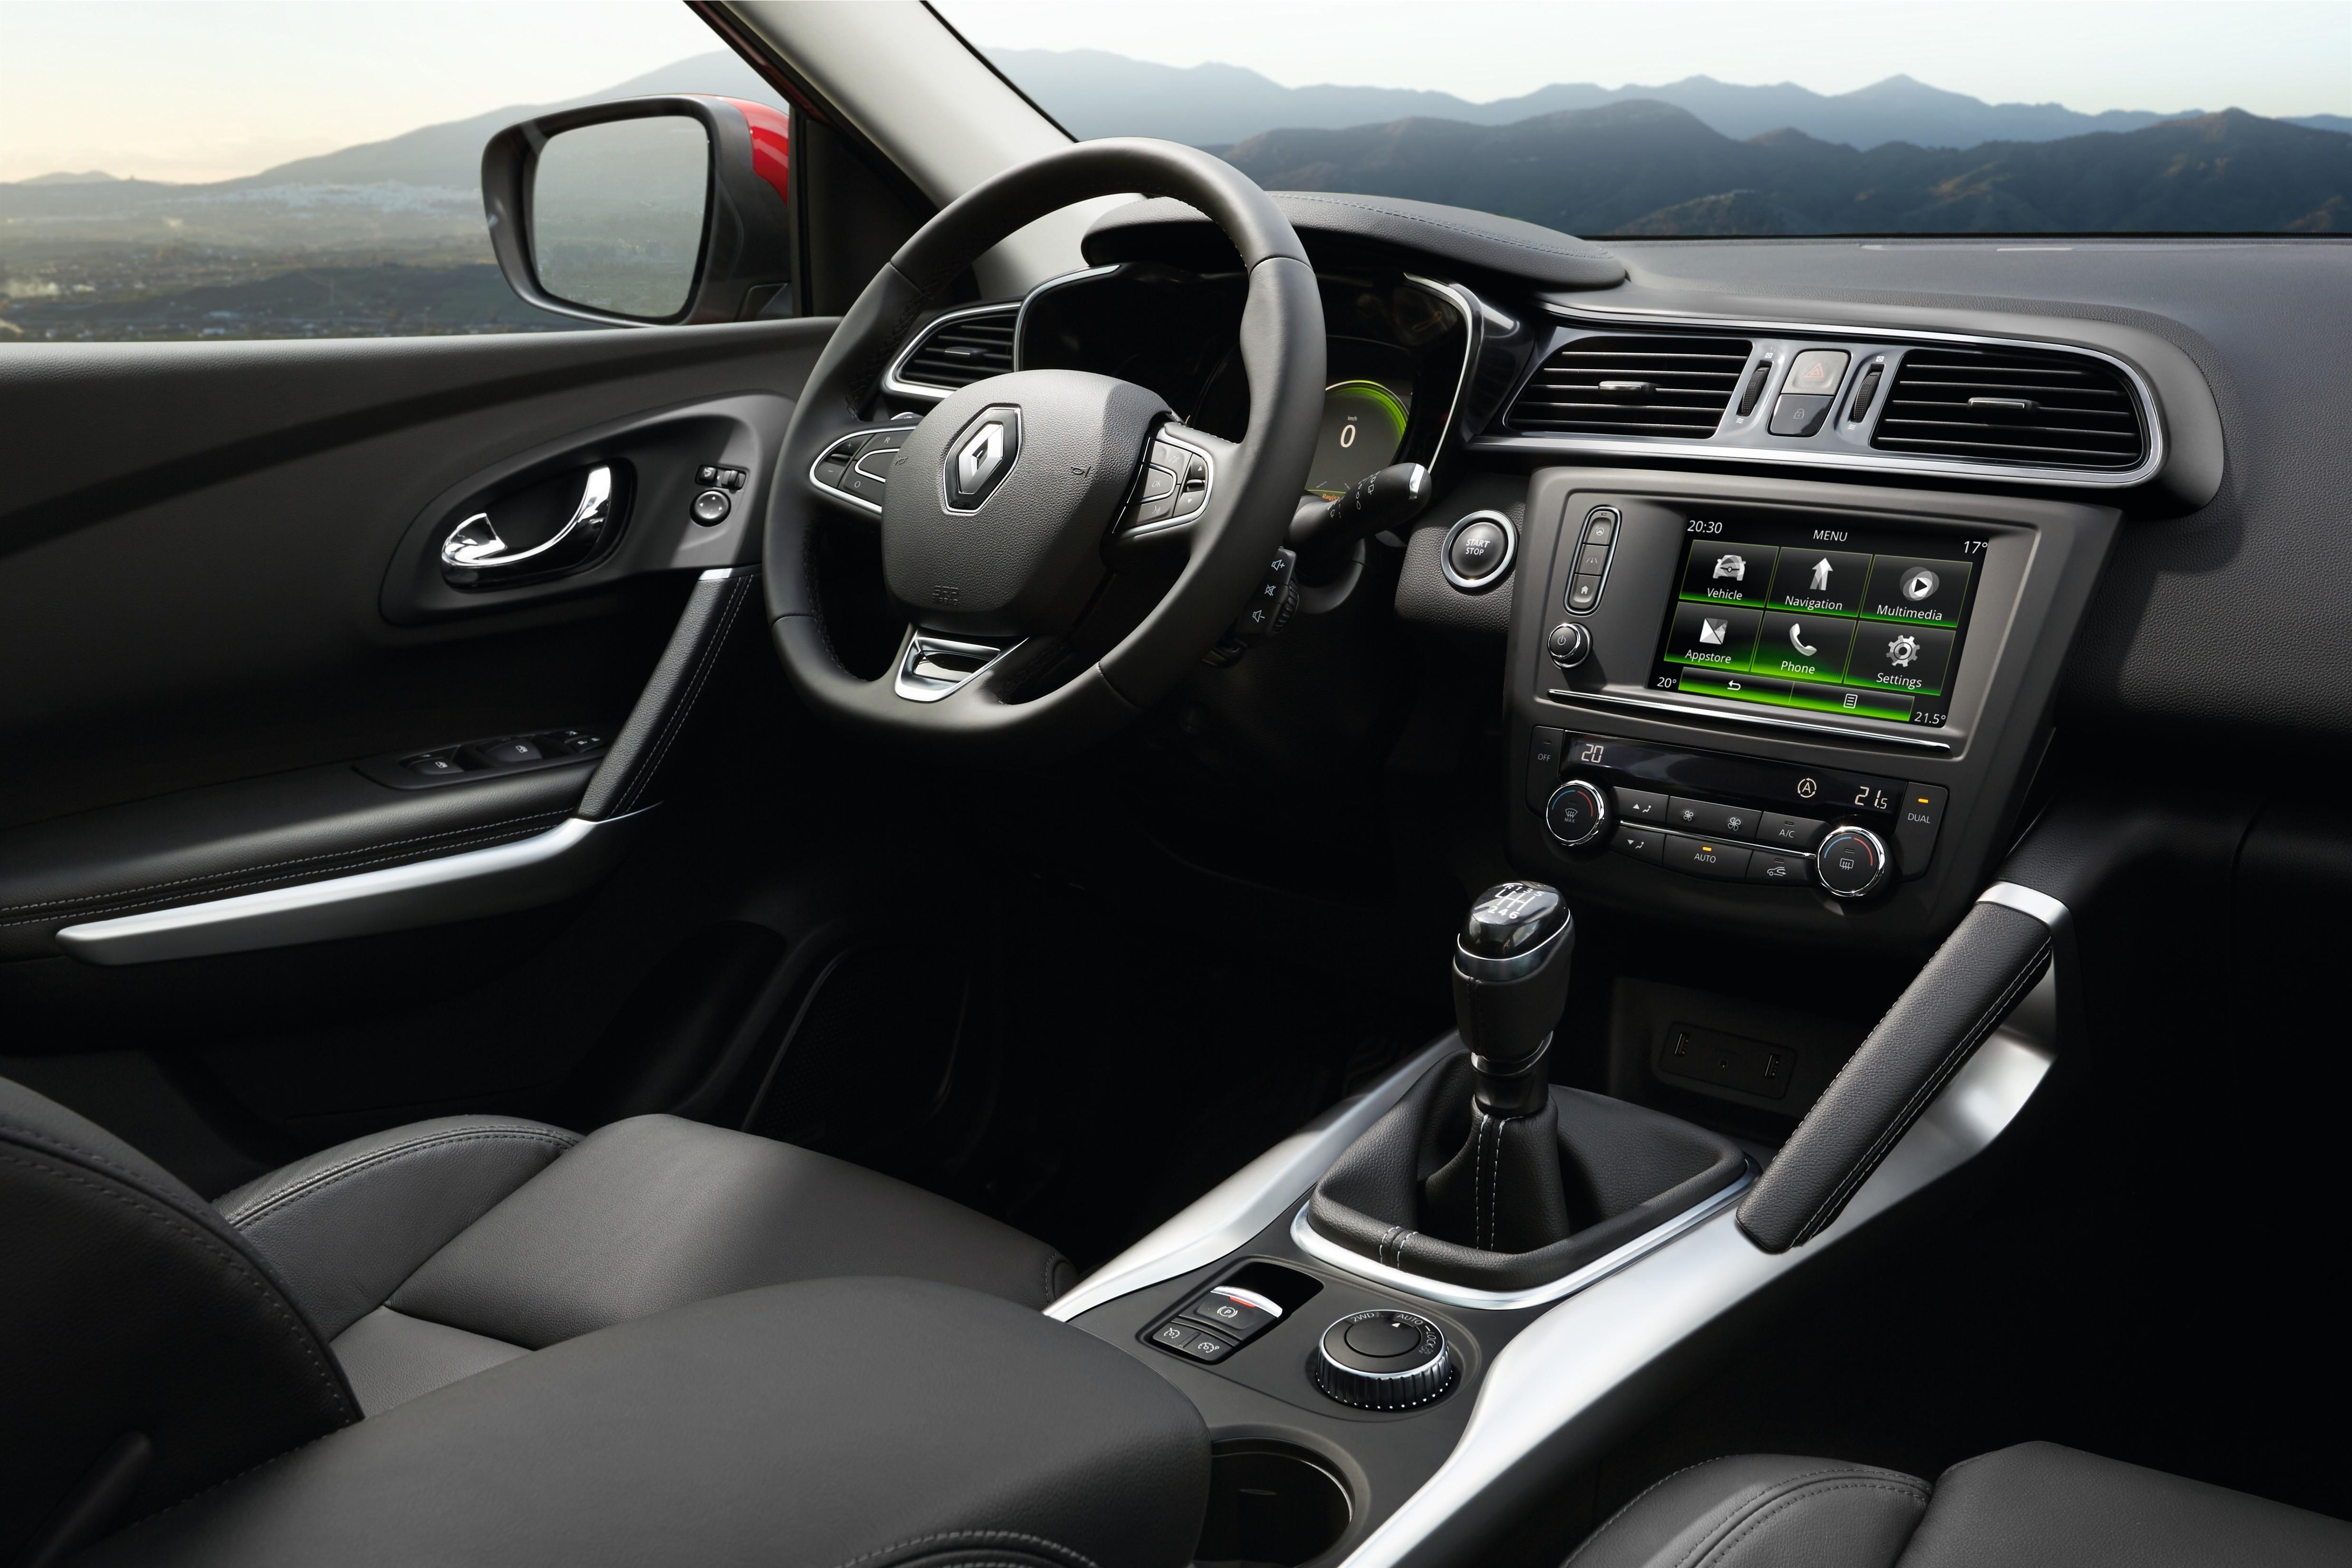 Renault_65517_global_en.jpg